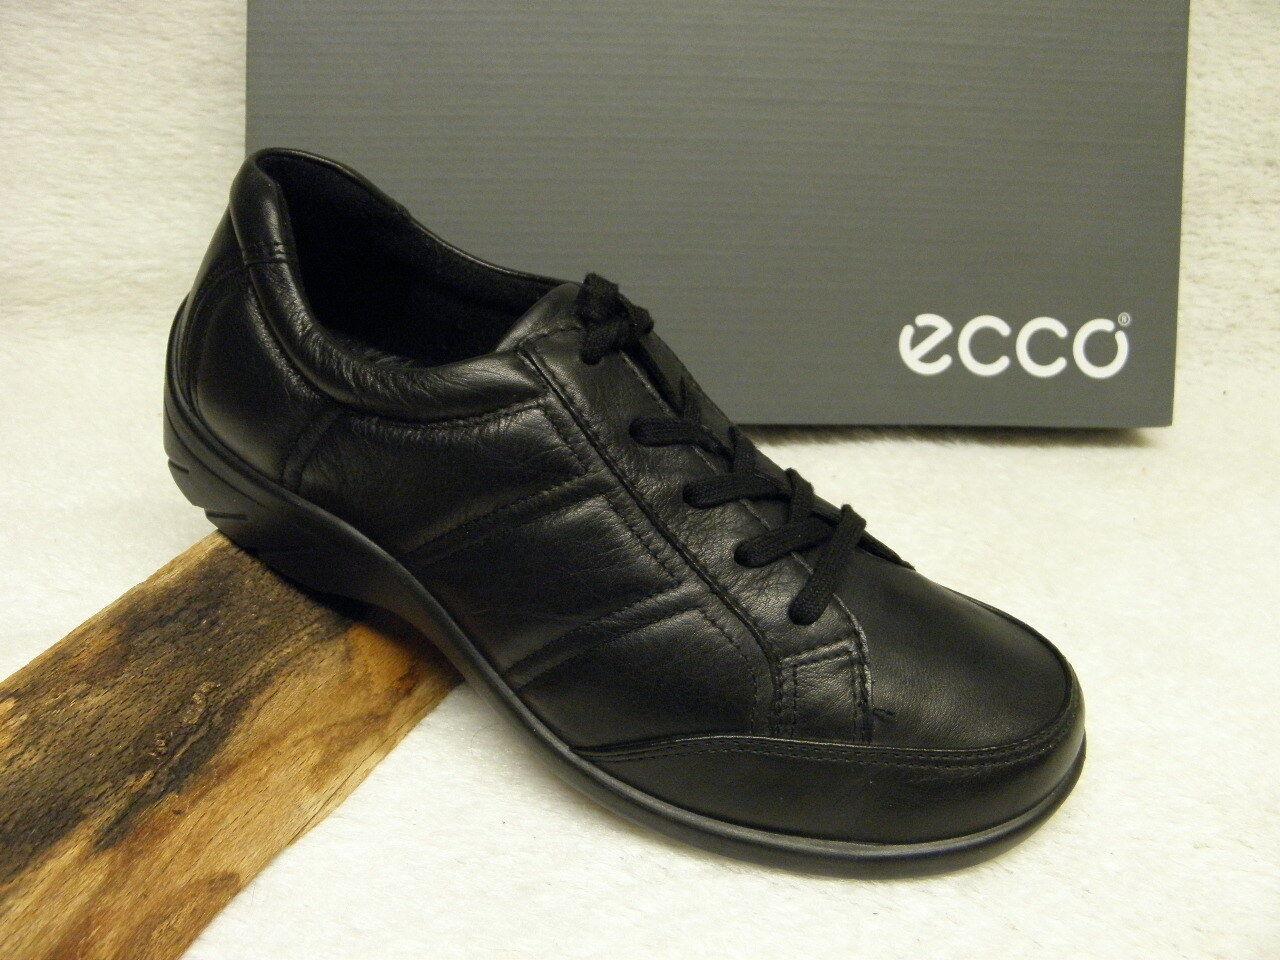 Ecco ® ROTuziert bisher  bisher ROTuziert   schwarz + gratis Premium-Socken (Z40) 446cd0